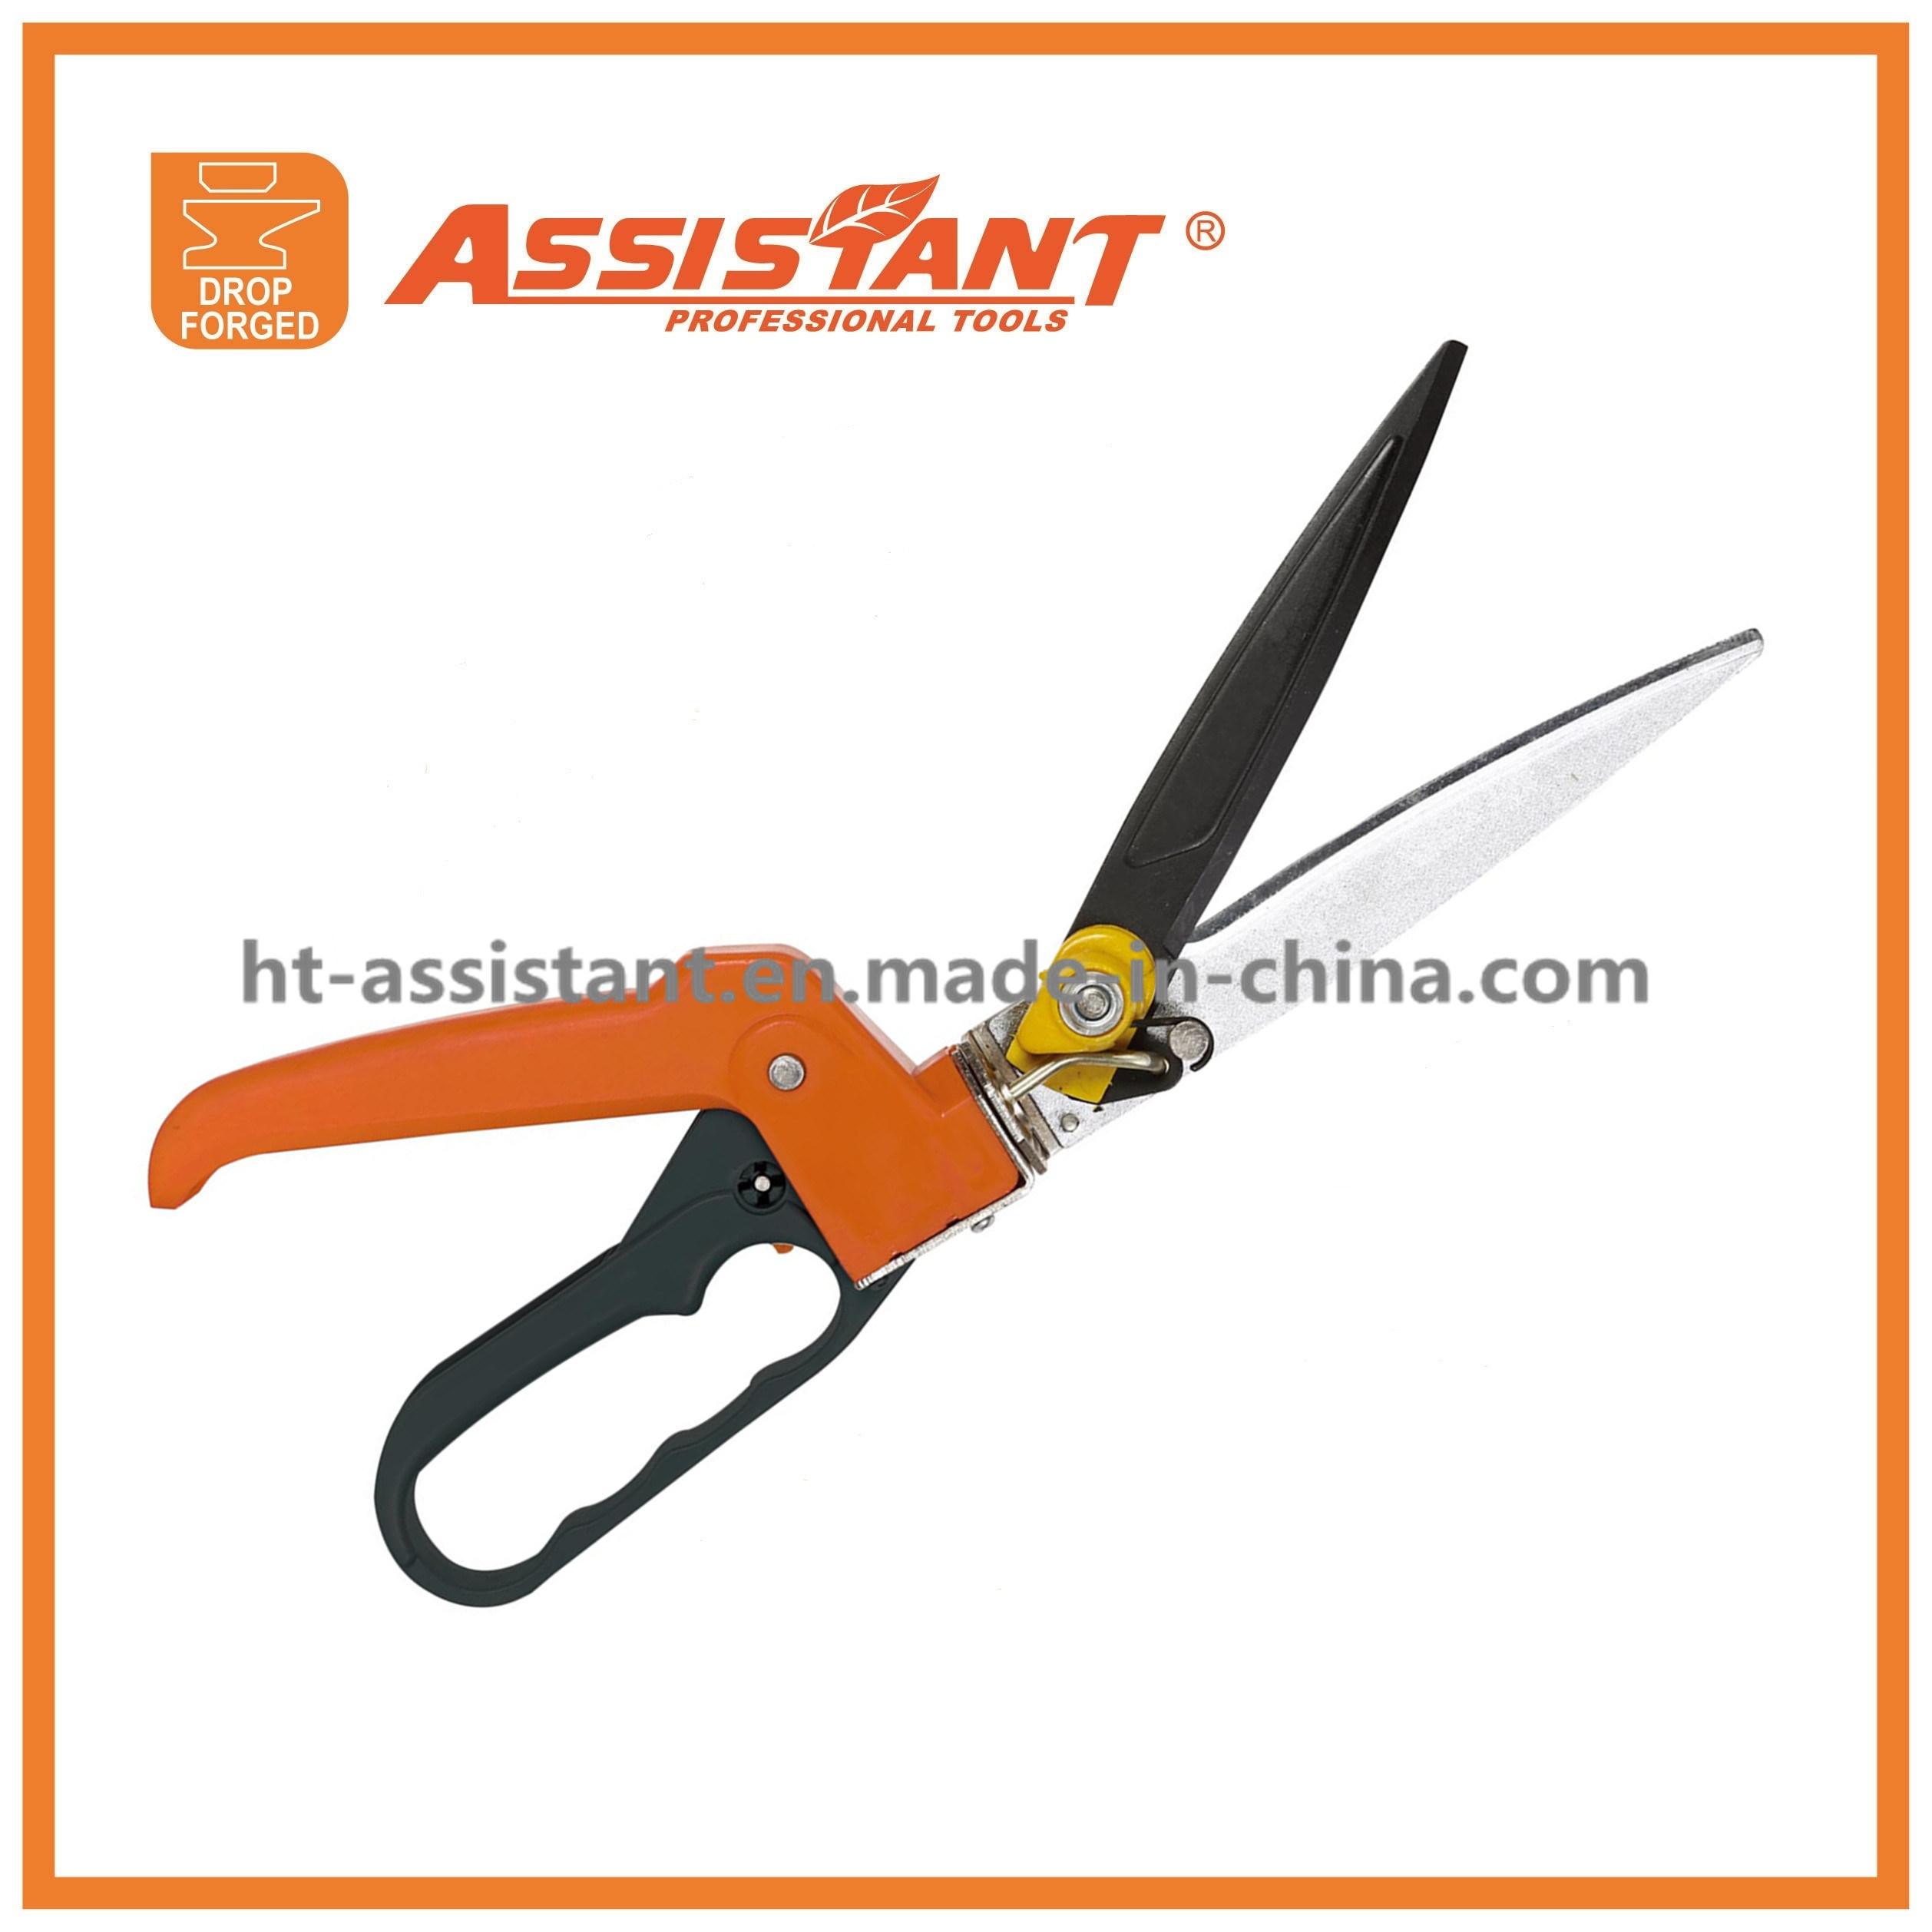 Garden Scissors and Trimmer 360 Degree Grass Swivel Shears